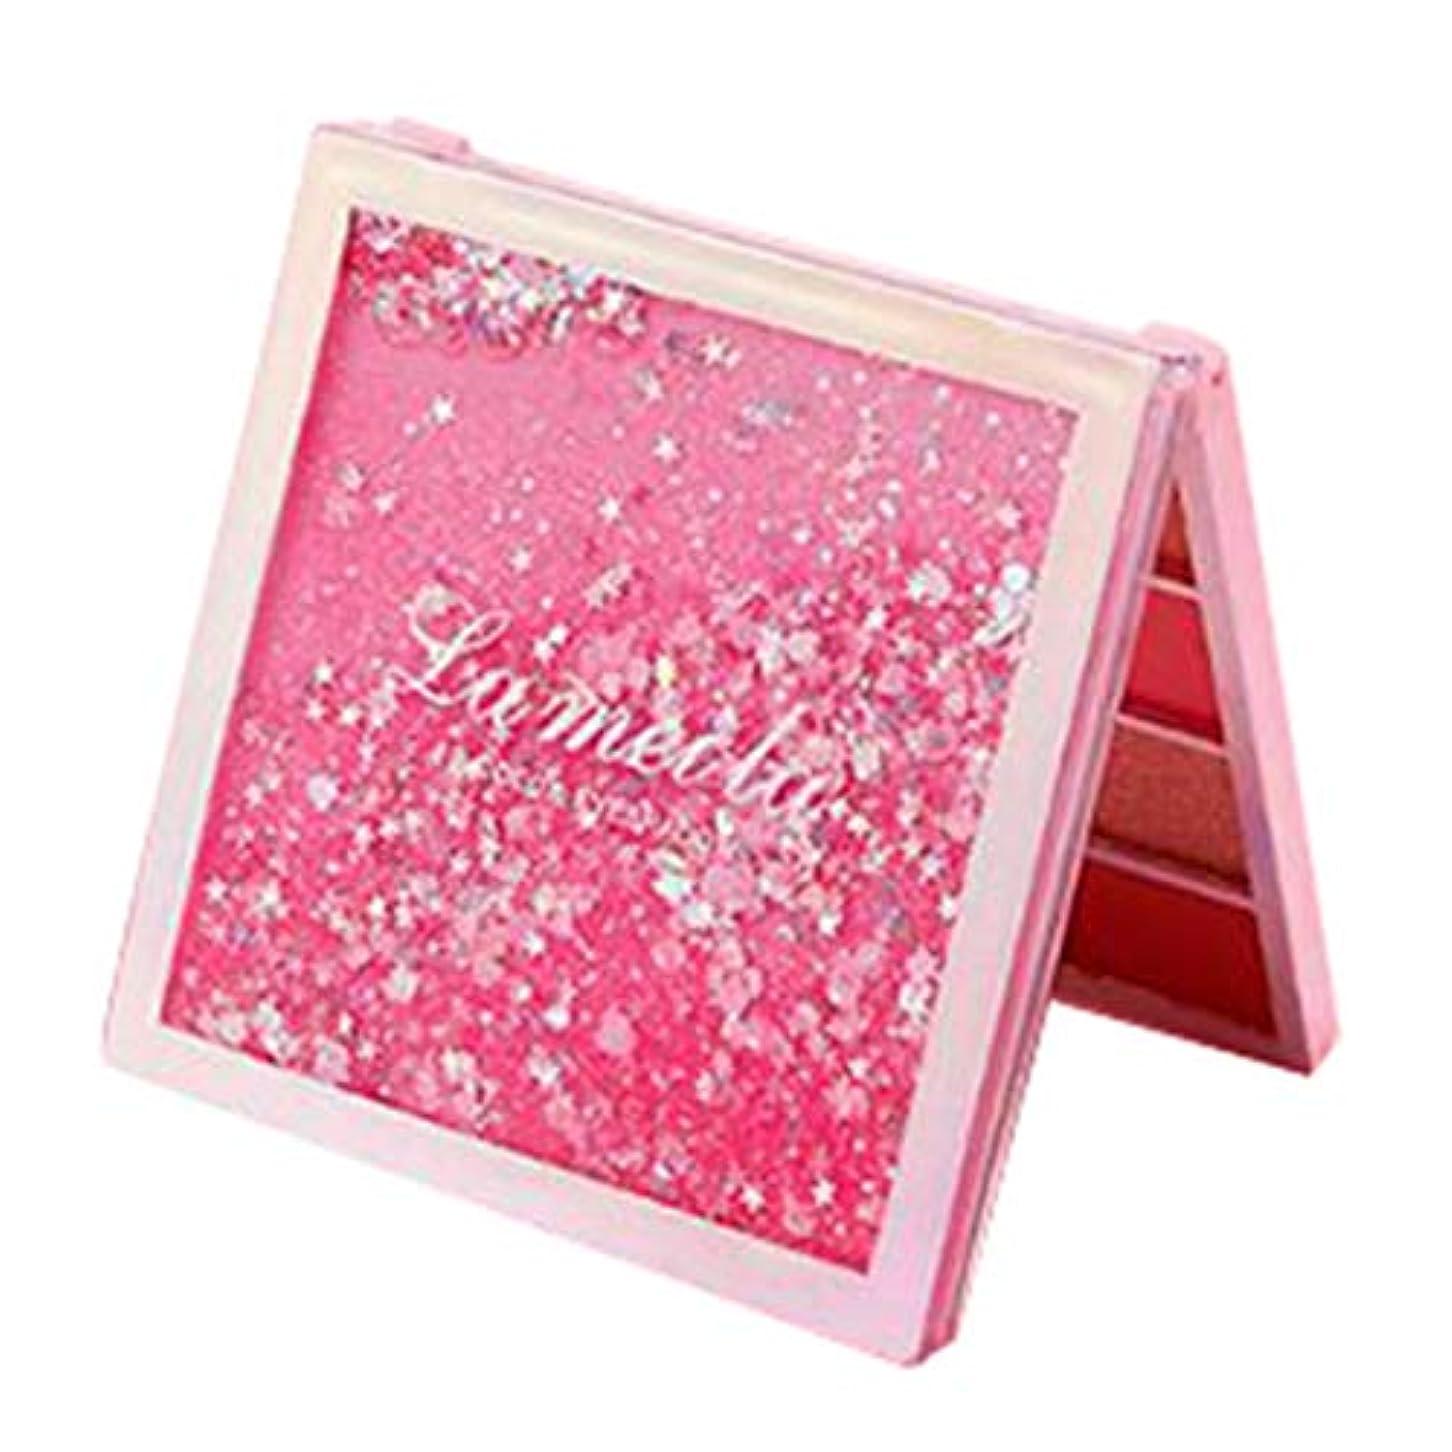 週間一生ヘロイン12色 アイシャドウ アイシャドウパレット メイクアップパレット マット キラキラ 色付けしやすい 長持ち 防水 - ピンク